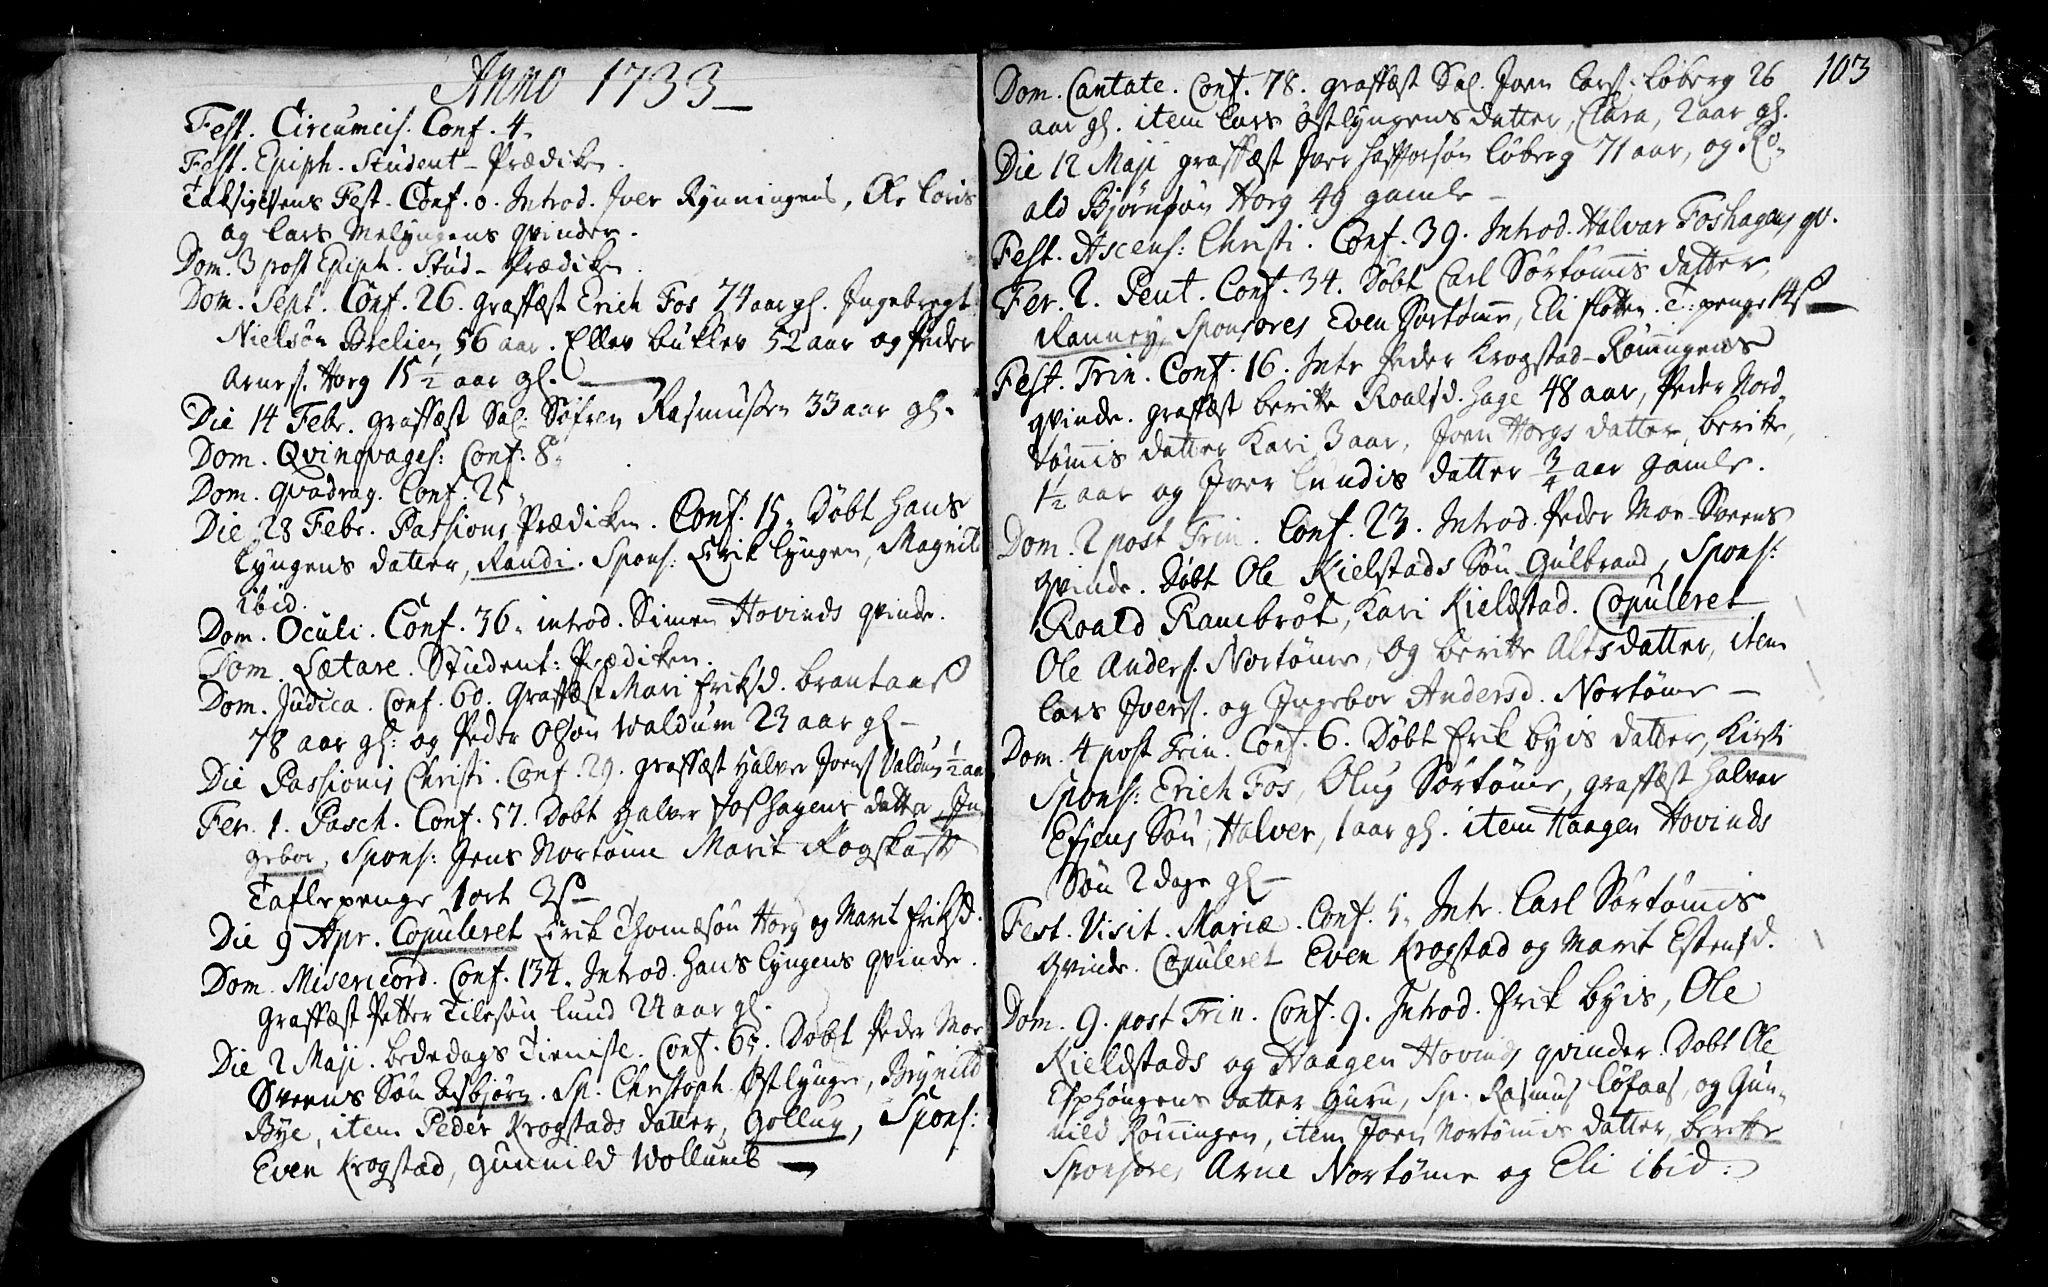 SAT, Ministerialprotokoller, klokkerbøker og fødselsregistre - Sør-Trøndelag, 692/L1101: Ministerialbok nr. 692A01, 1690-1746, s. 103